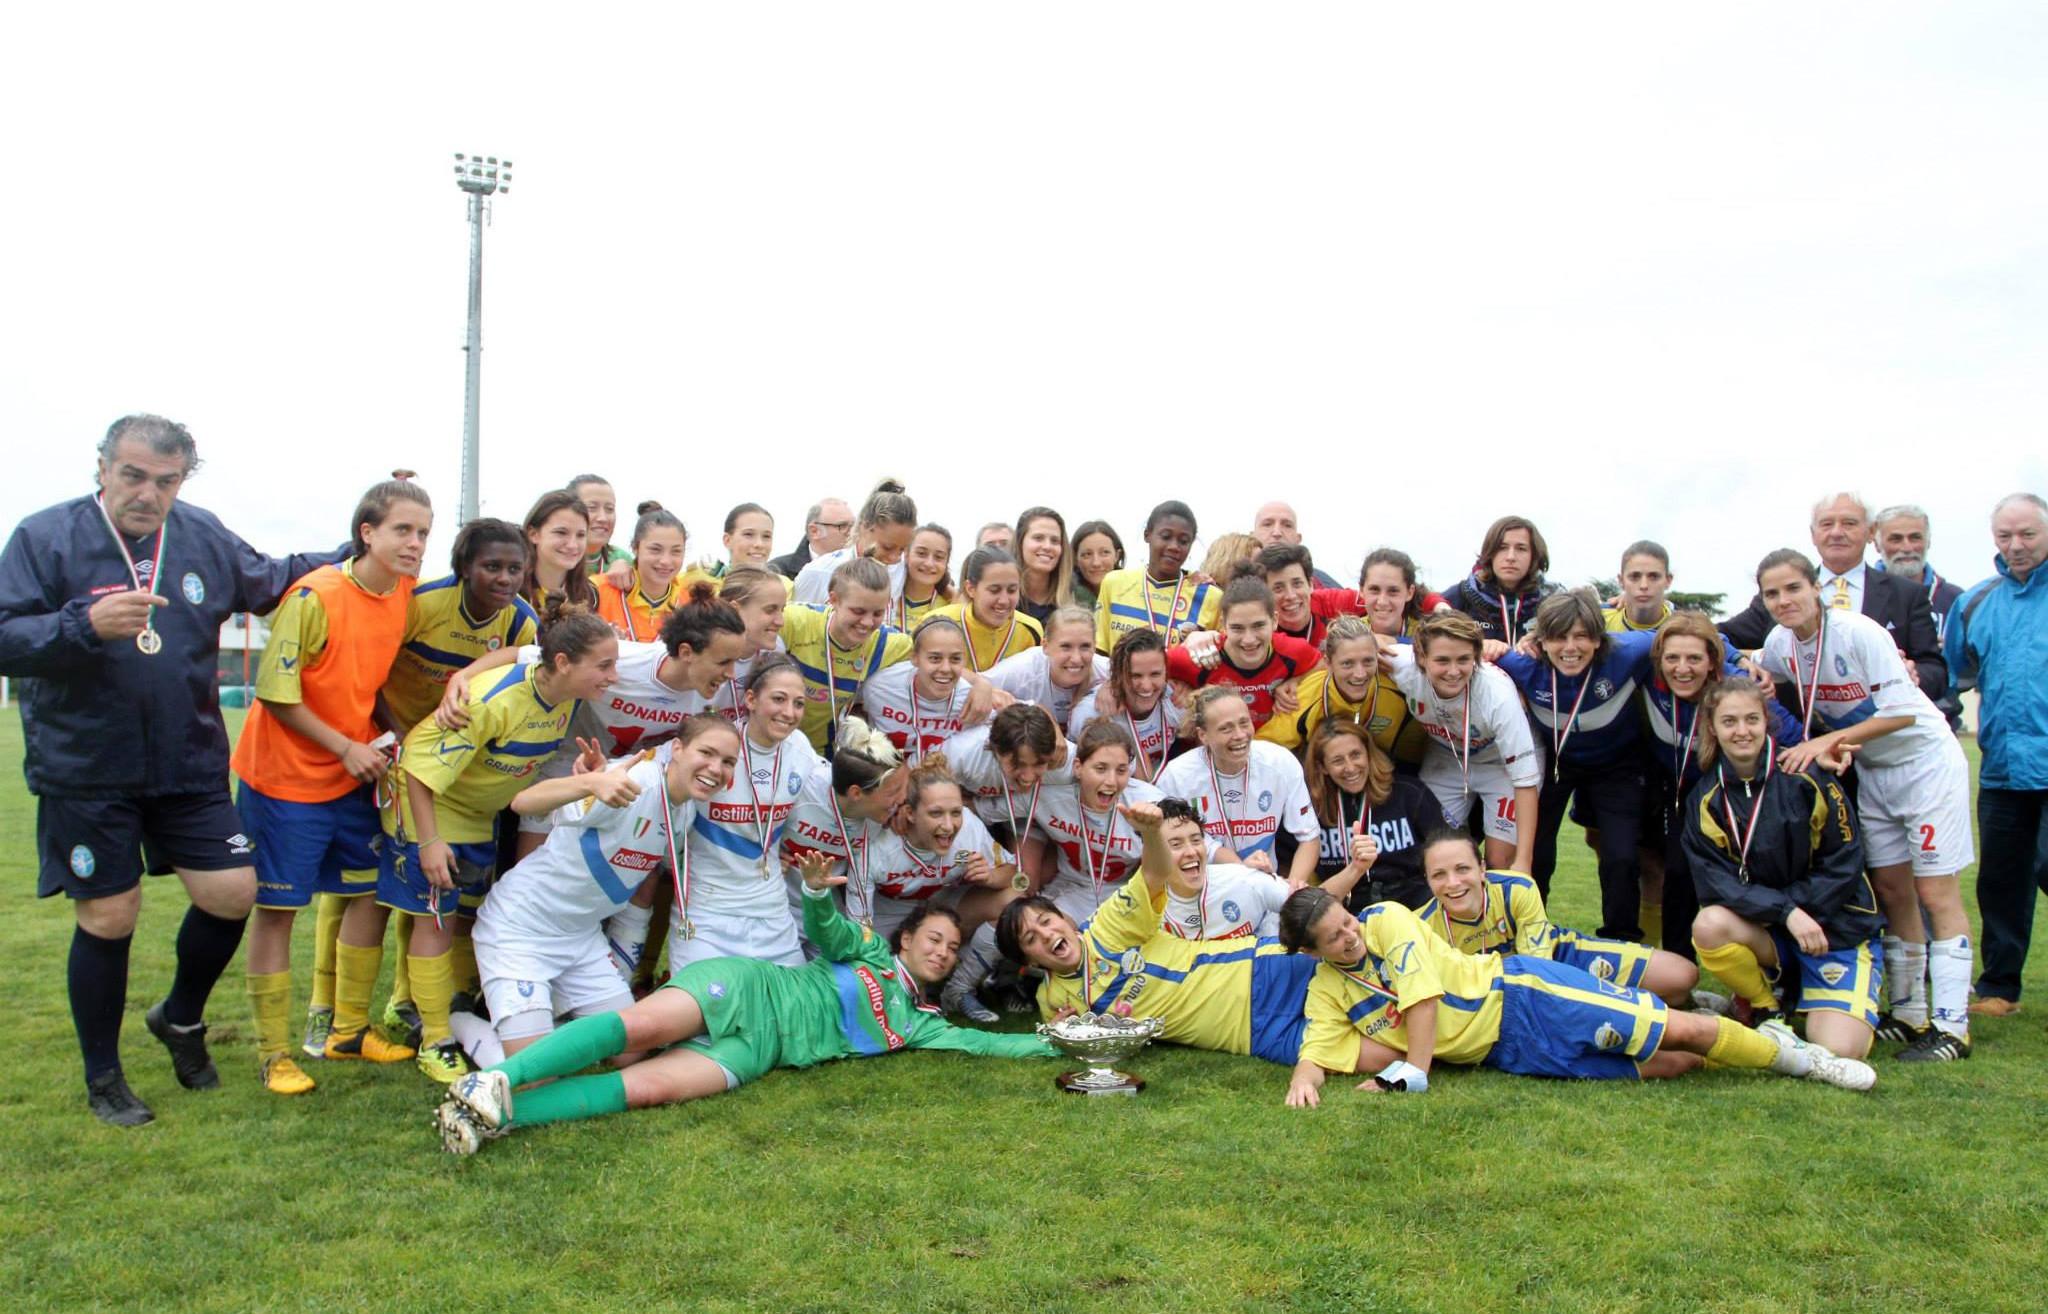 Facebook: ACF Brescia Calcio Femminile